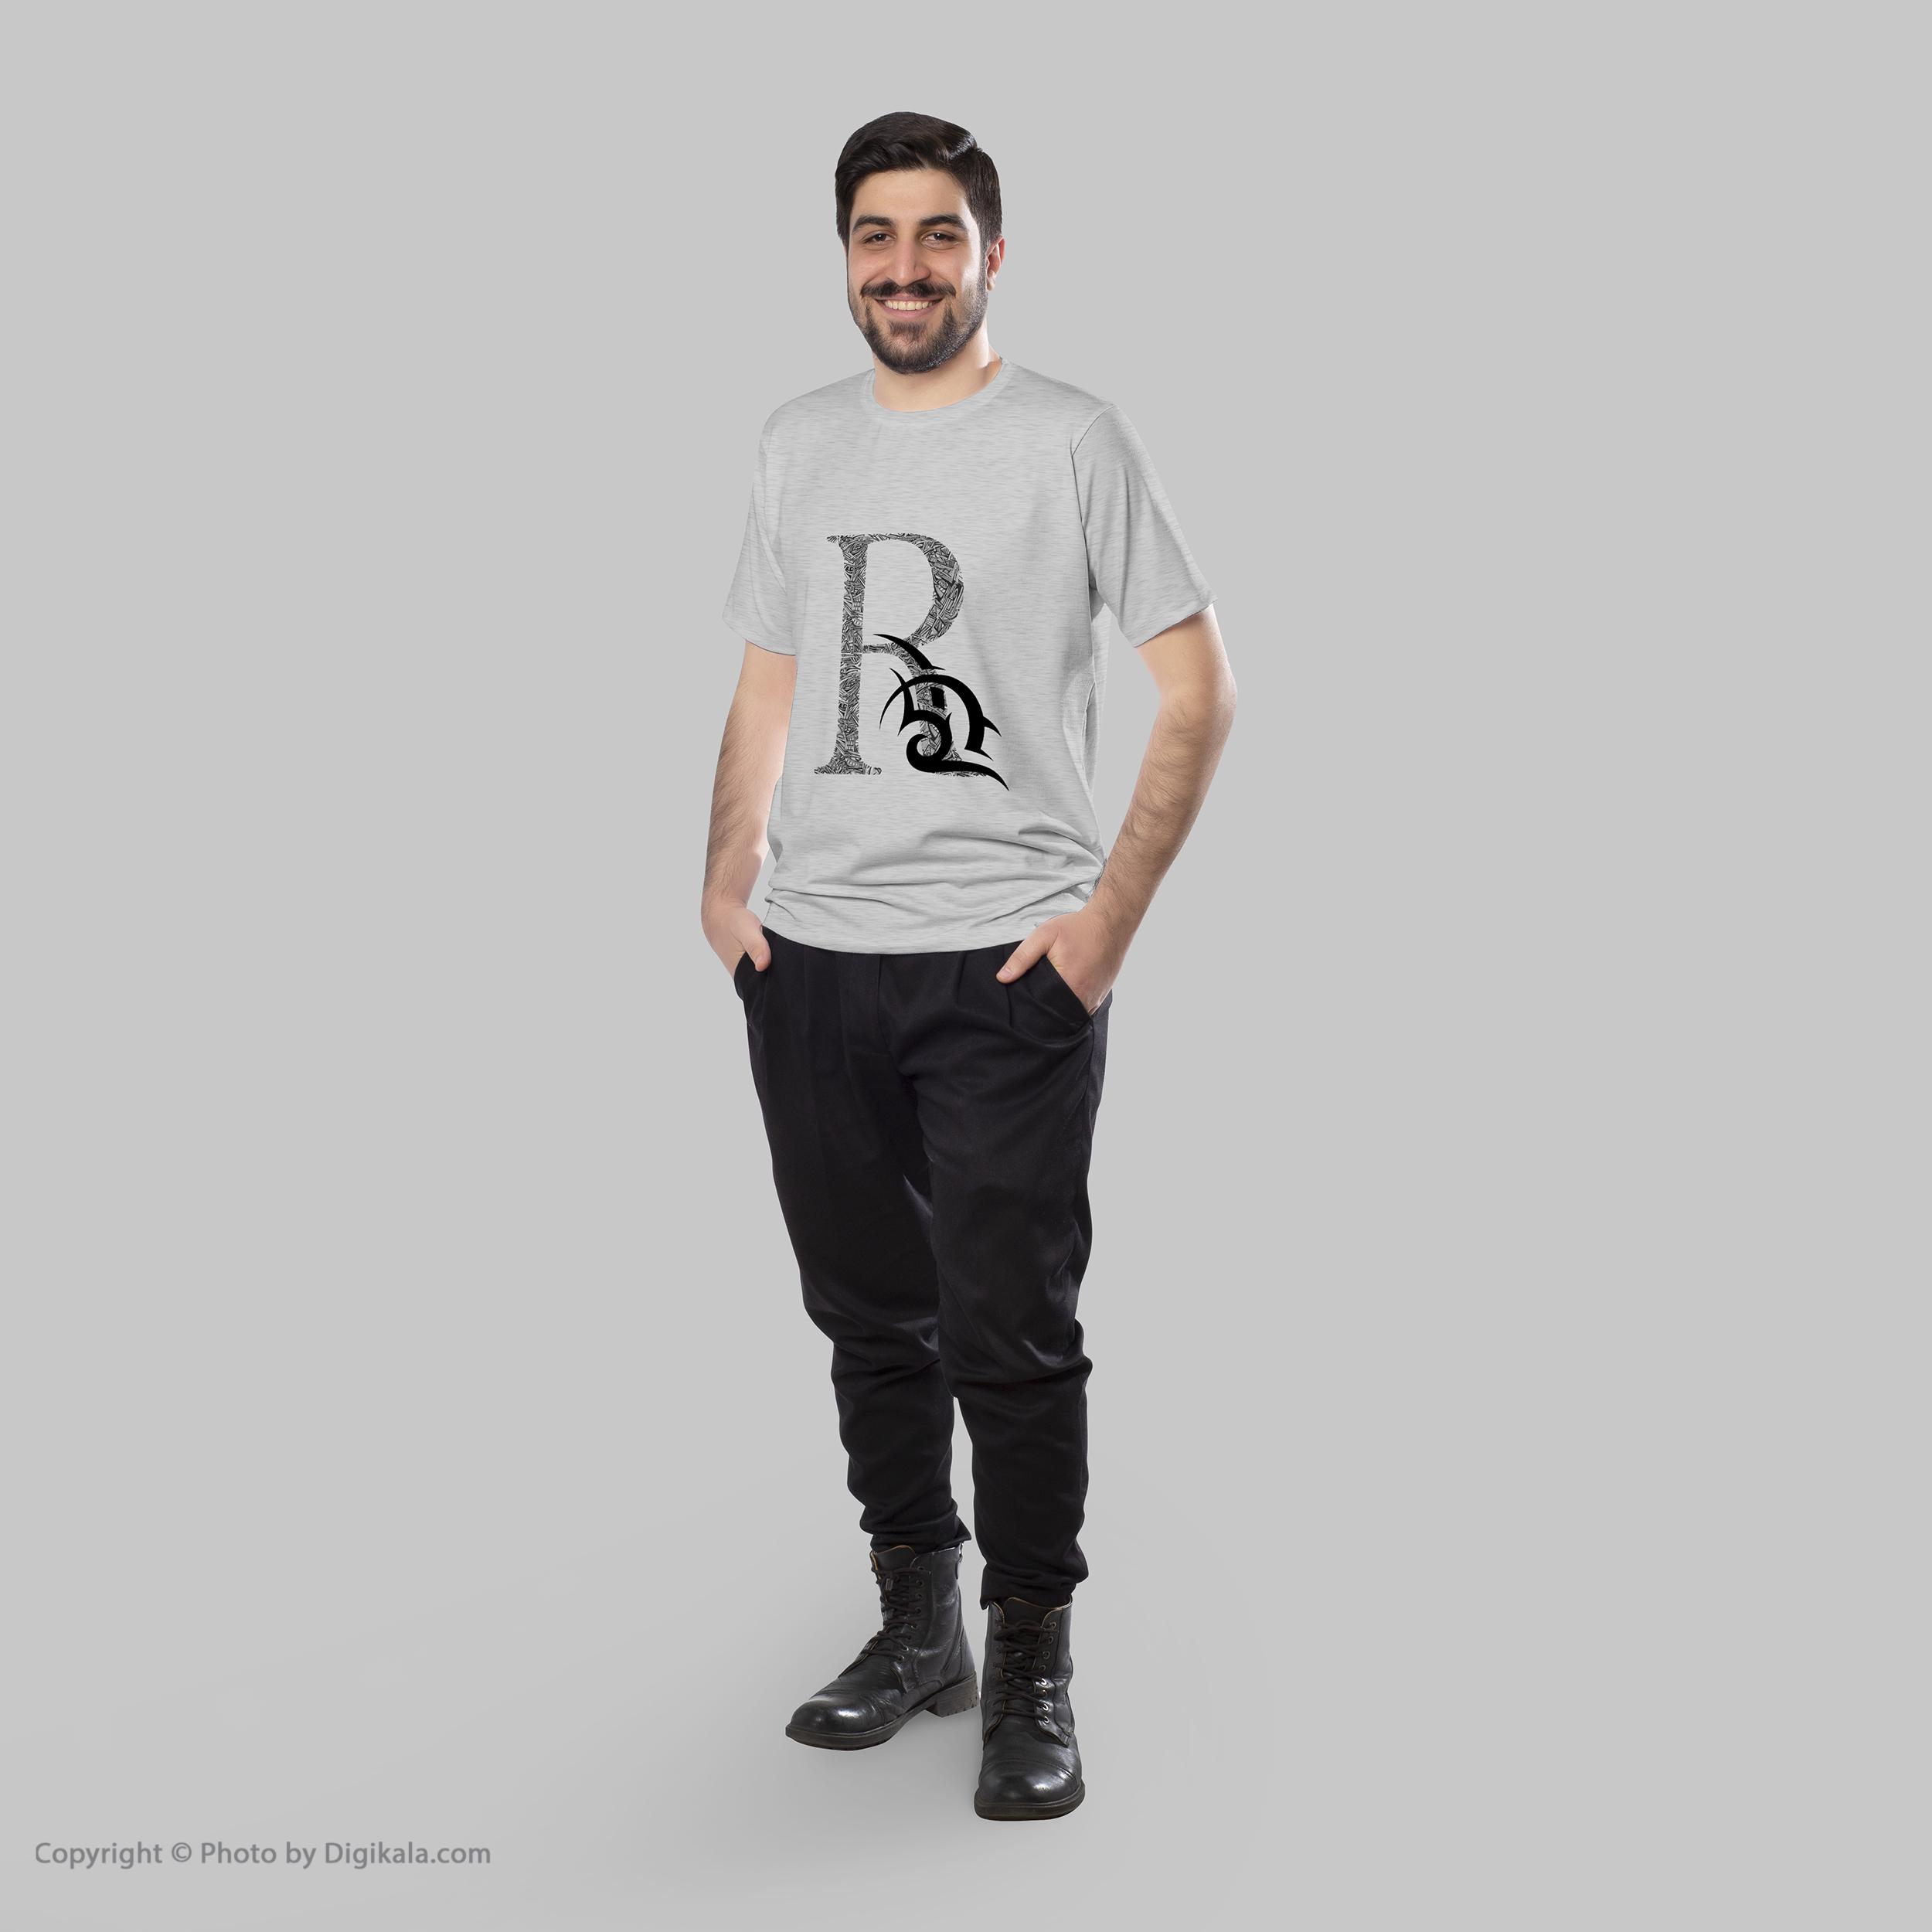 تیشرت مردانه 27 طرح R کد H09 -  - 4